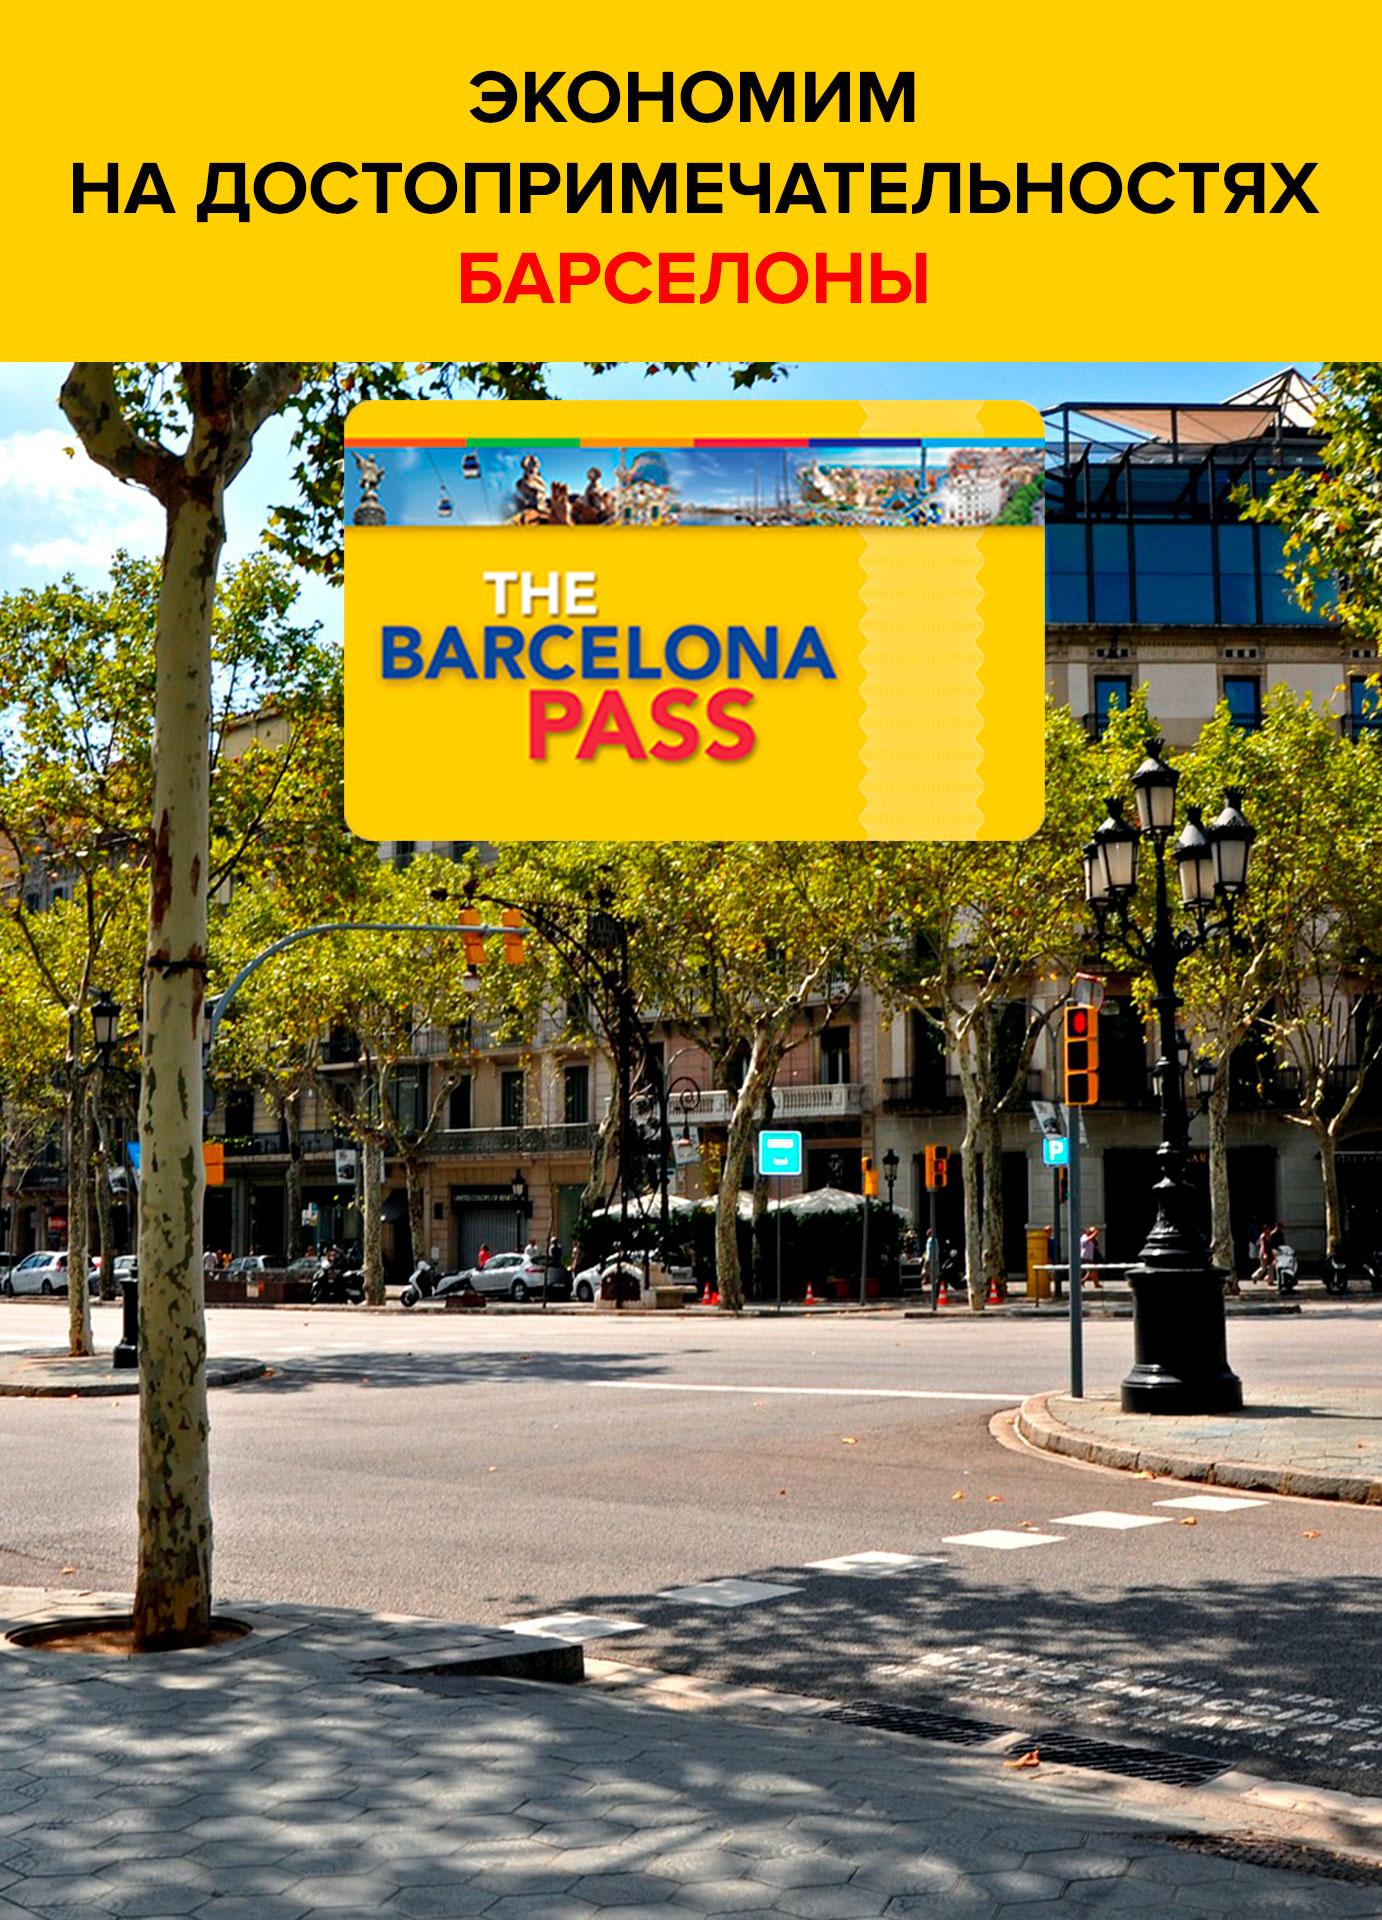 Экономим на достопримечательностях Барселоны с абонементом Barcelona Pass